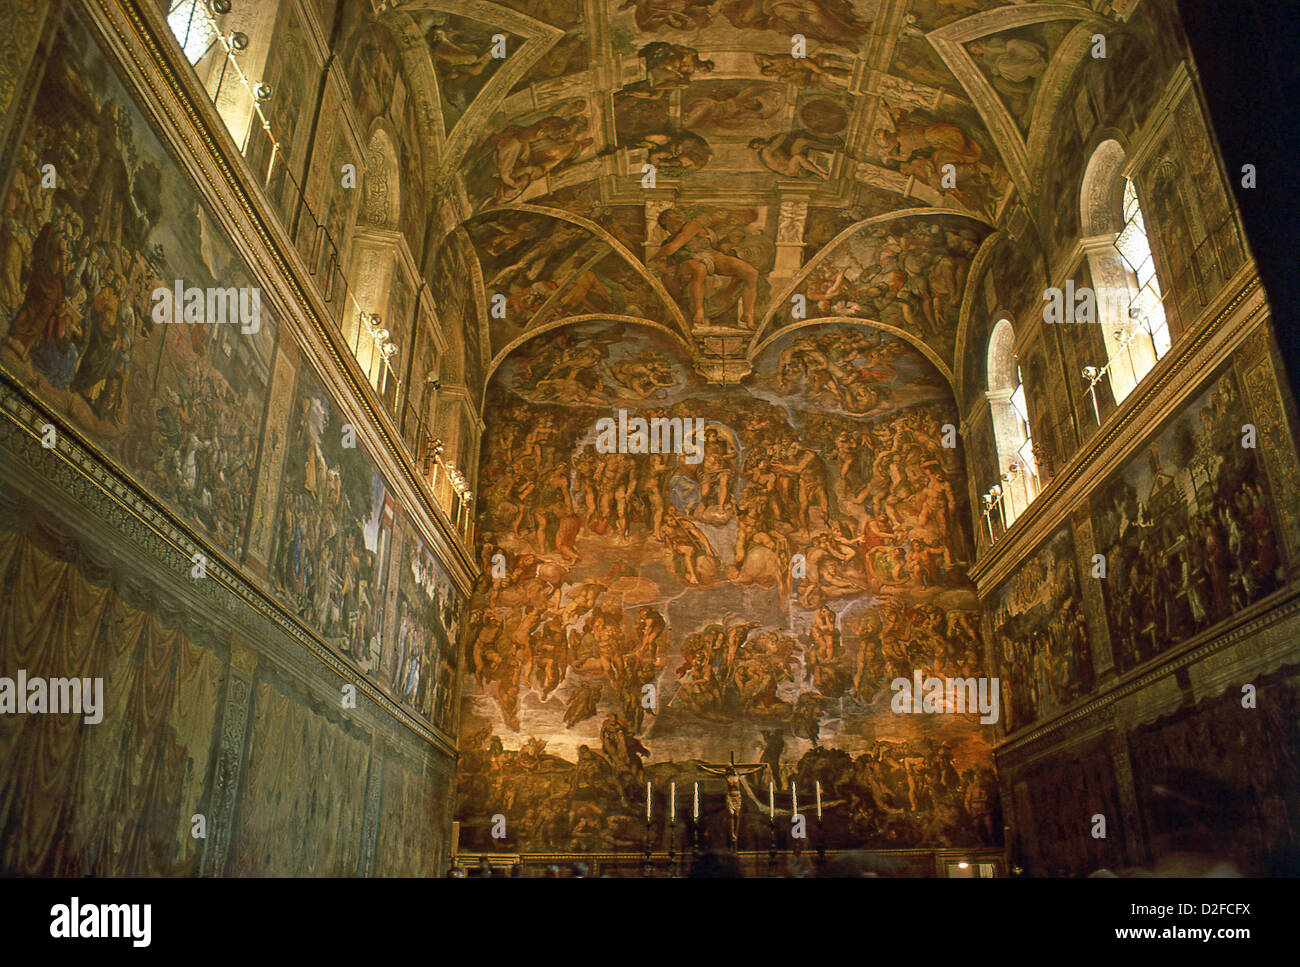 Le Plafond De La Chapelle Sixtine Peint Par Michel Ange Palais